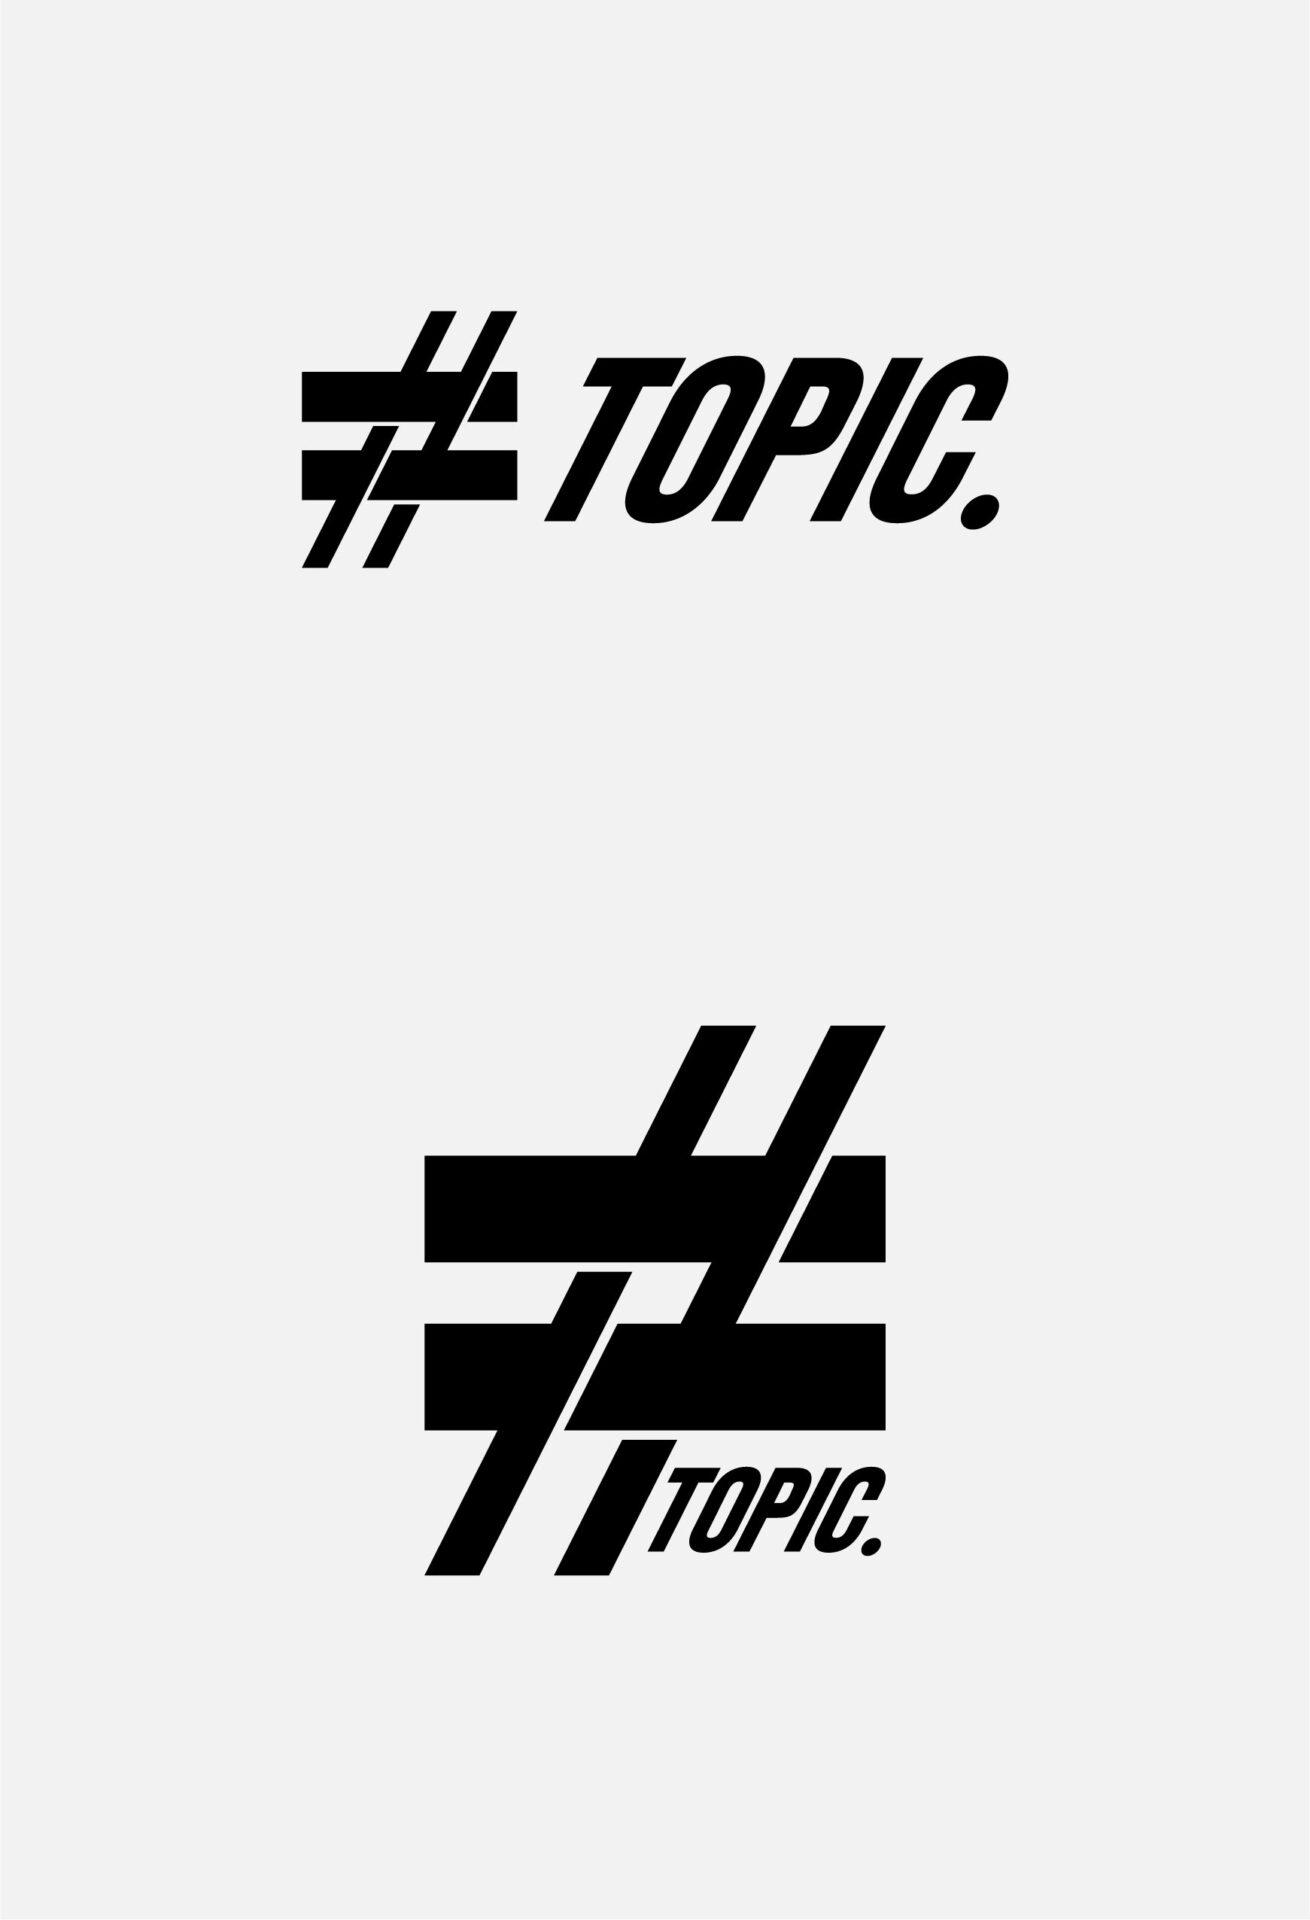 「TOPIC」の実績画像